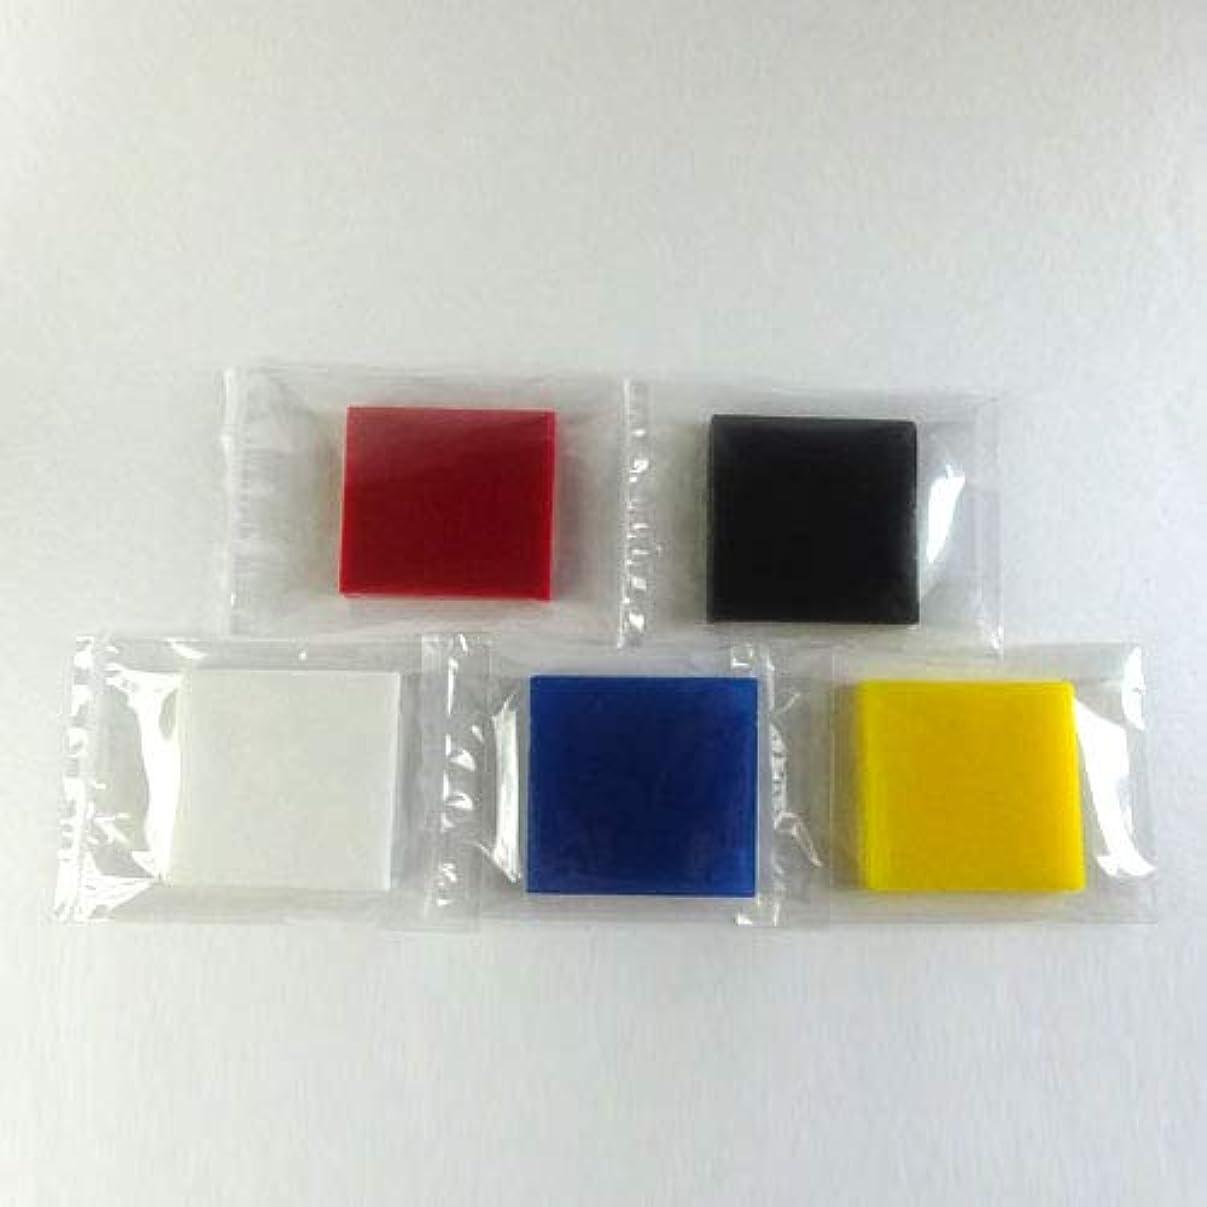 精巧なレギュラーチェリーグリセリンソープ MPソープ 色チップ 5色(赤?青?黄?白?黒) 各60g(30g x 2pc)